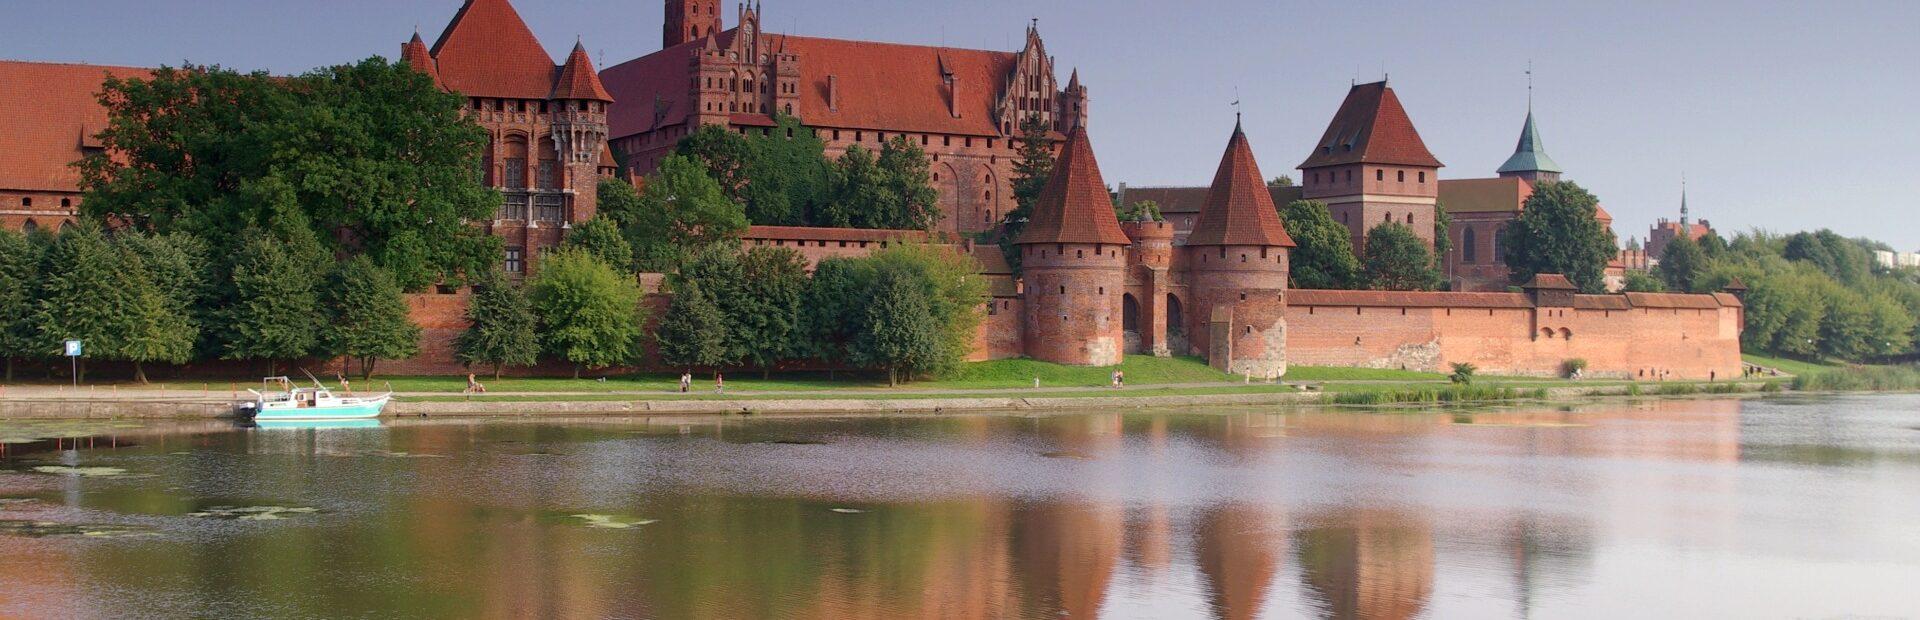 The Castle Museum – Malbork